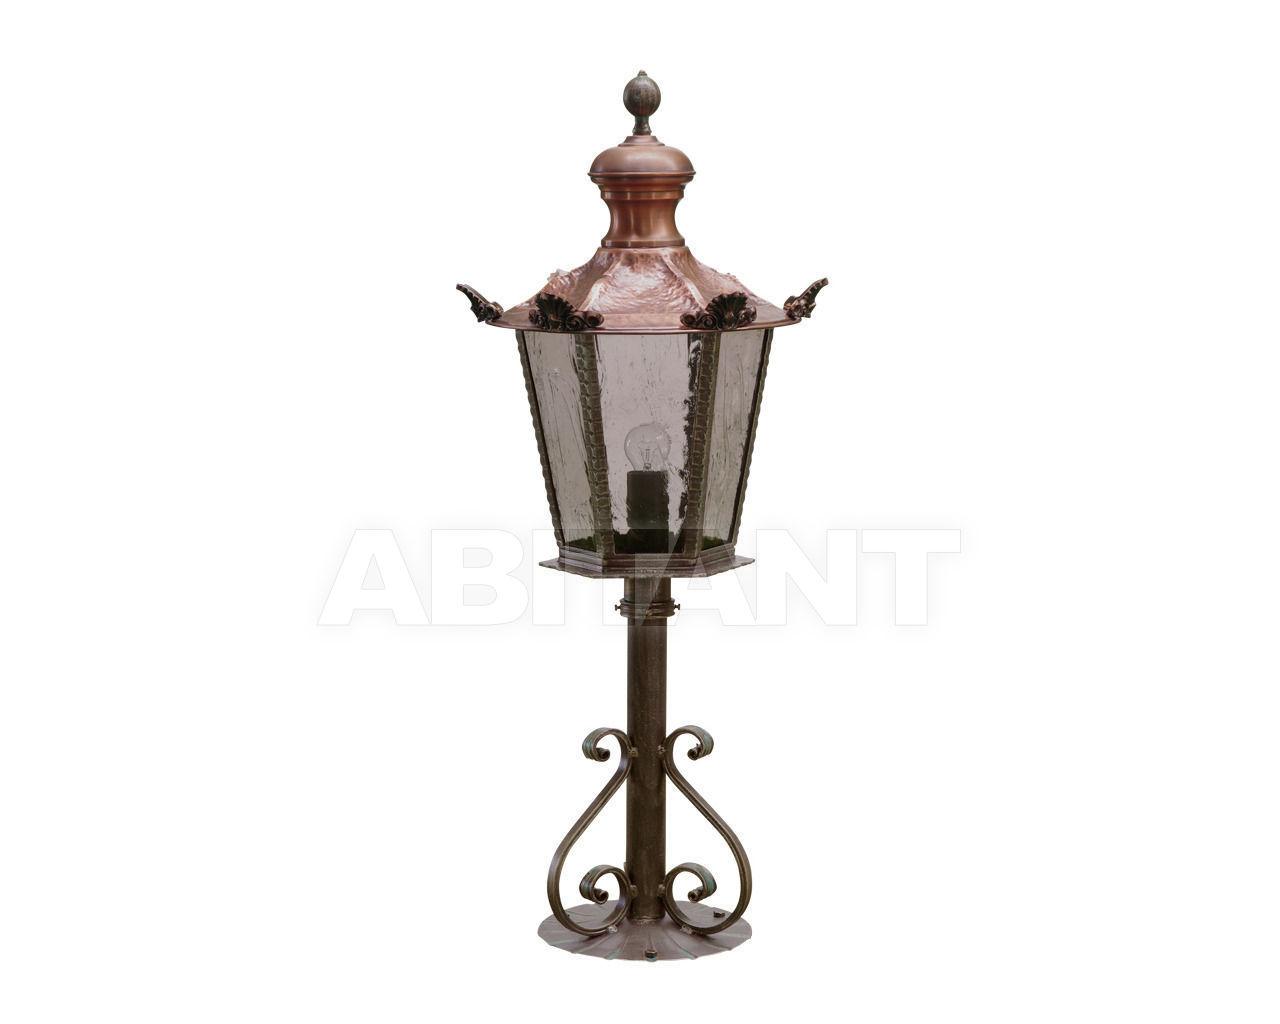 Купить Садовый светильник FMB Leuchten Schmiedeeisen Lampen Und Leuchten 90420